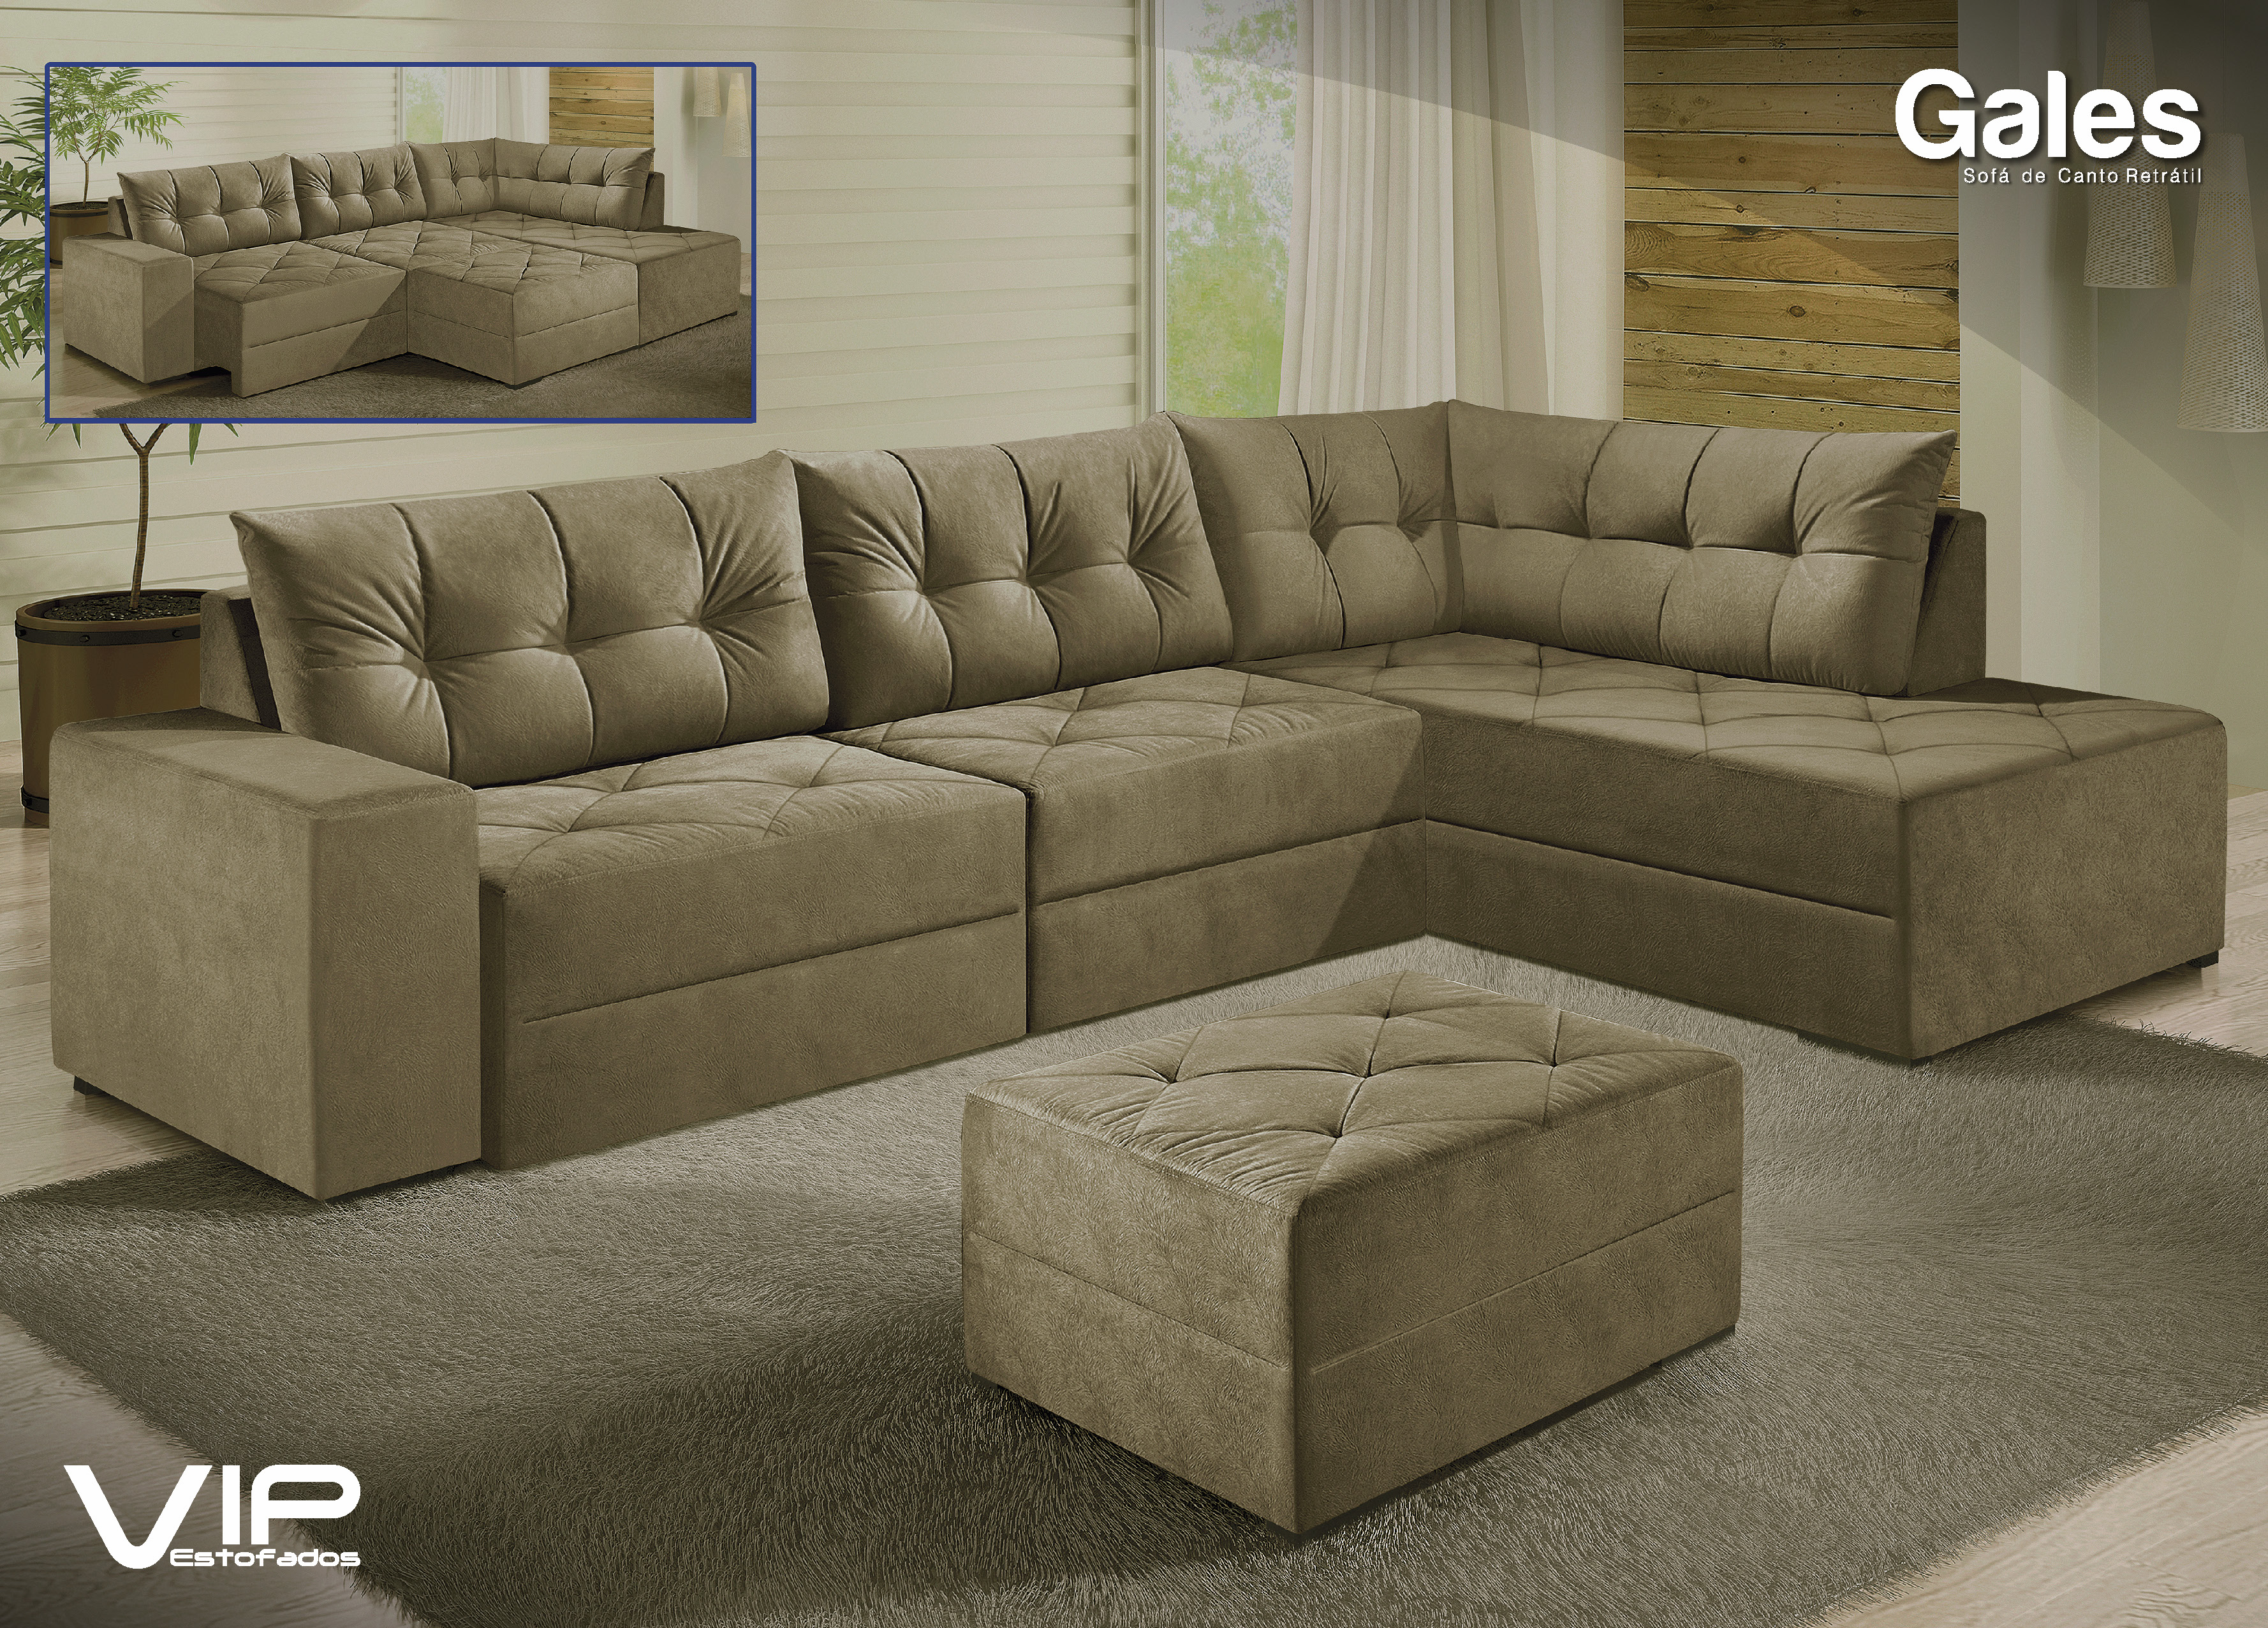 Fabrica de sofas em uba bruin blog for Fabrica sofas